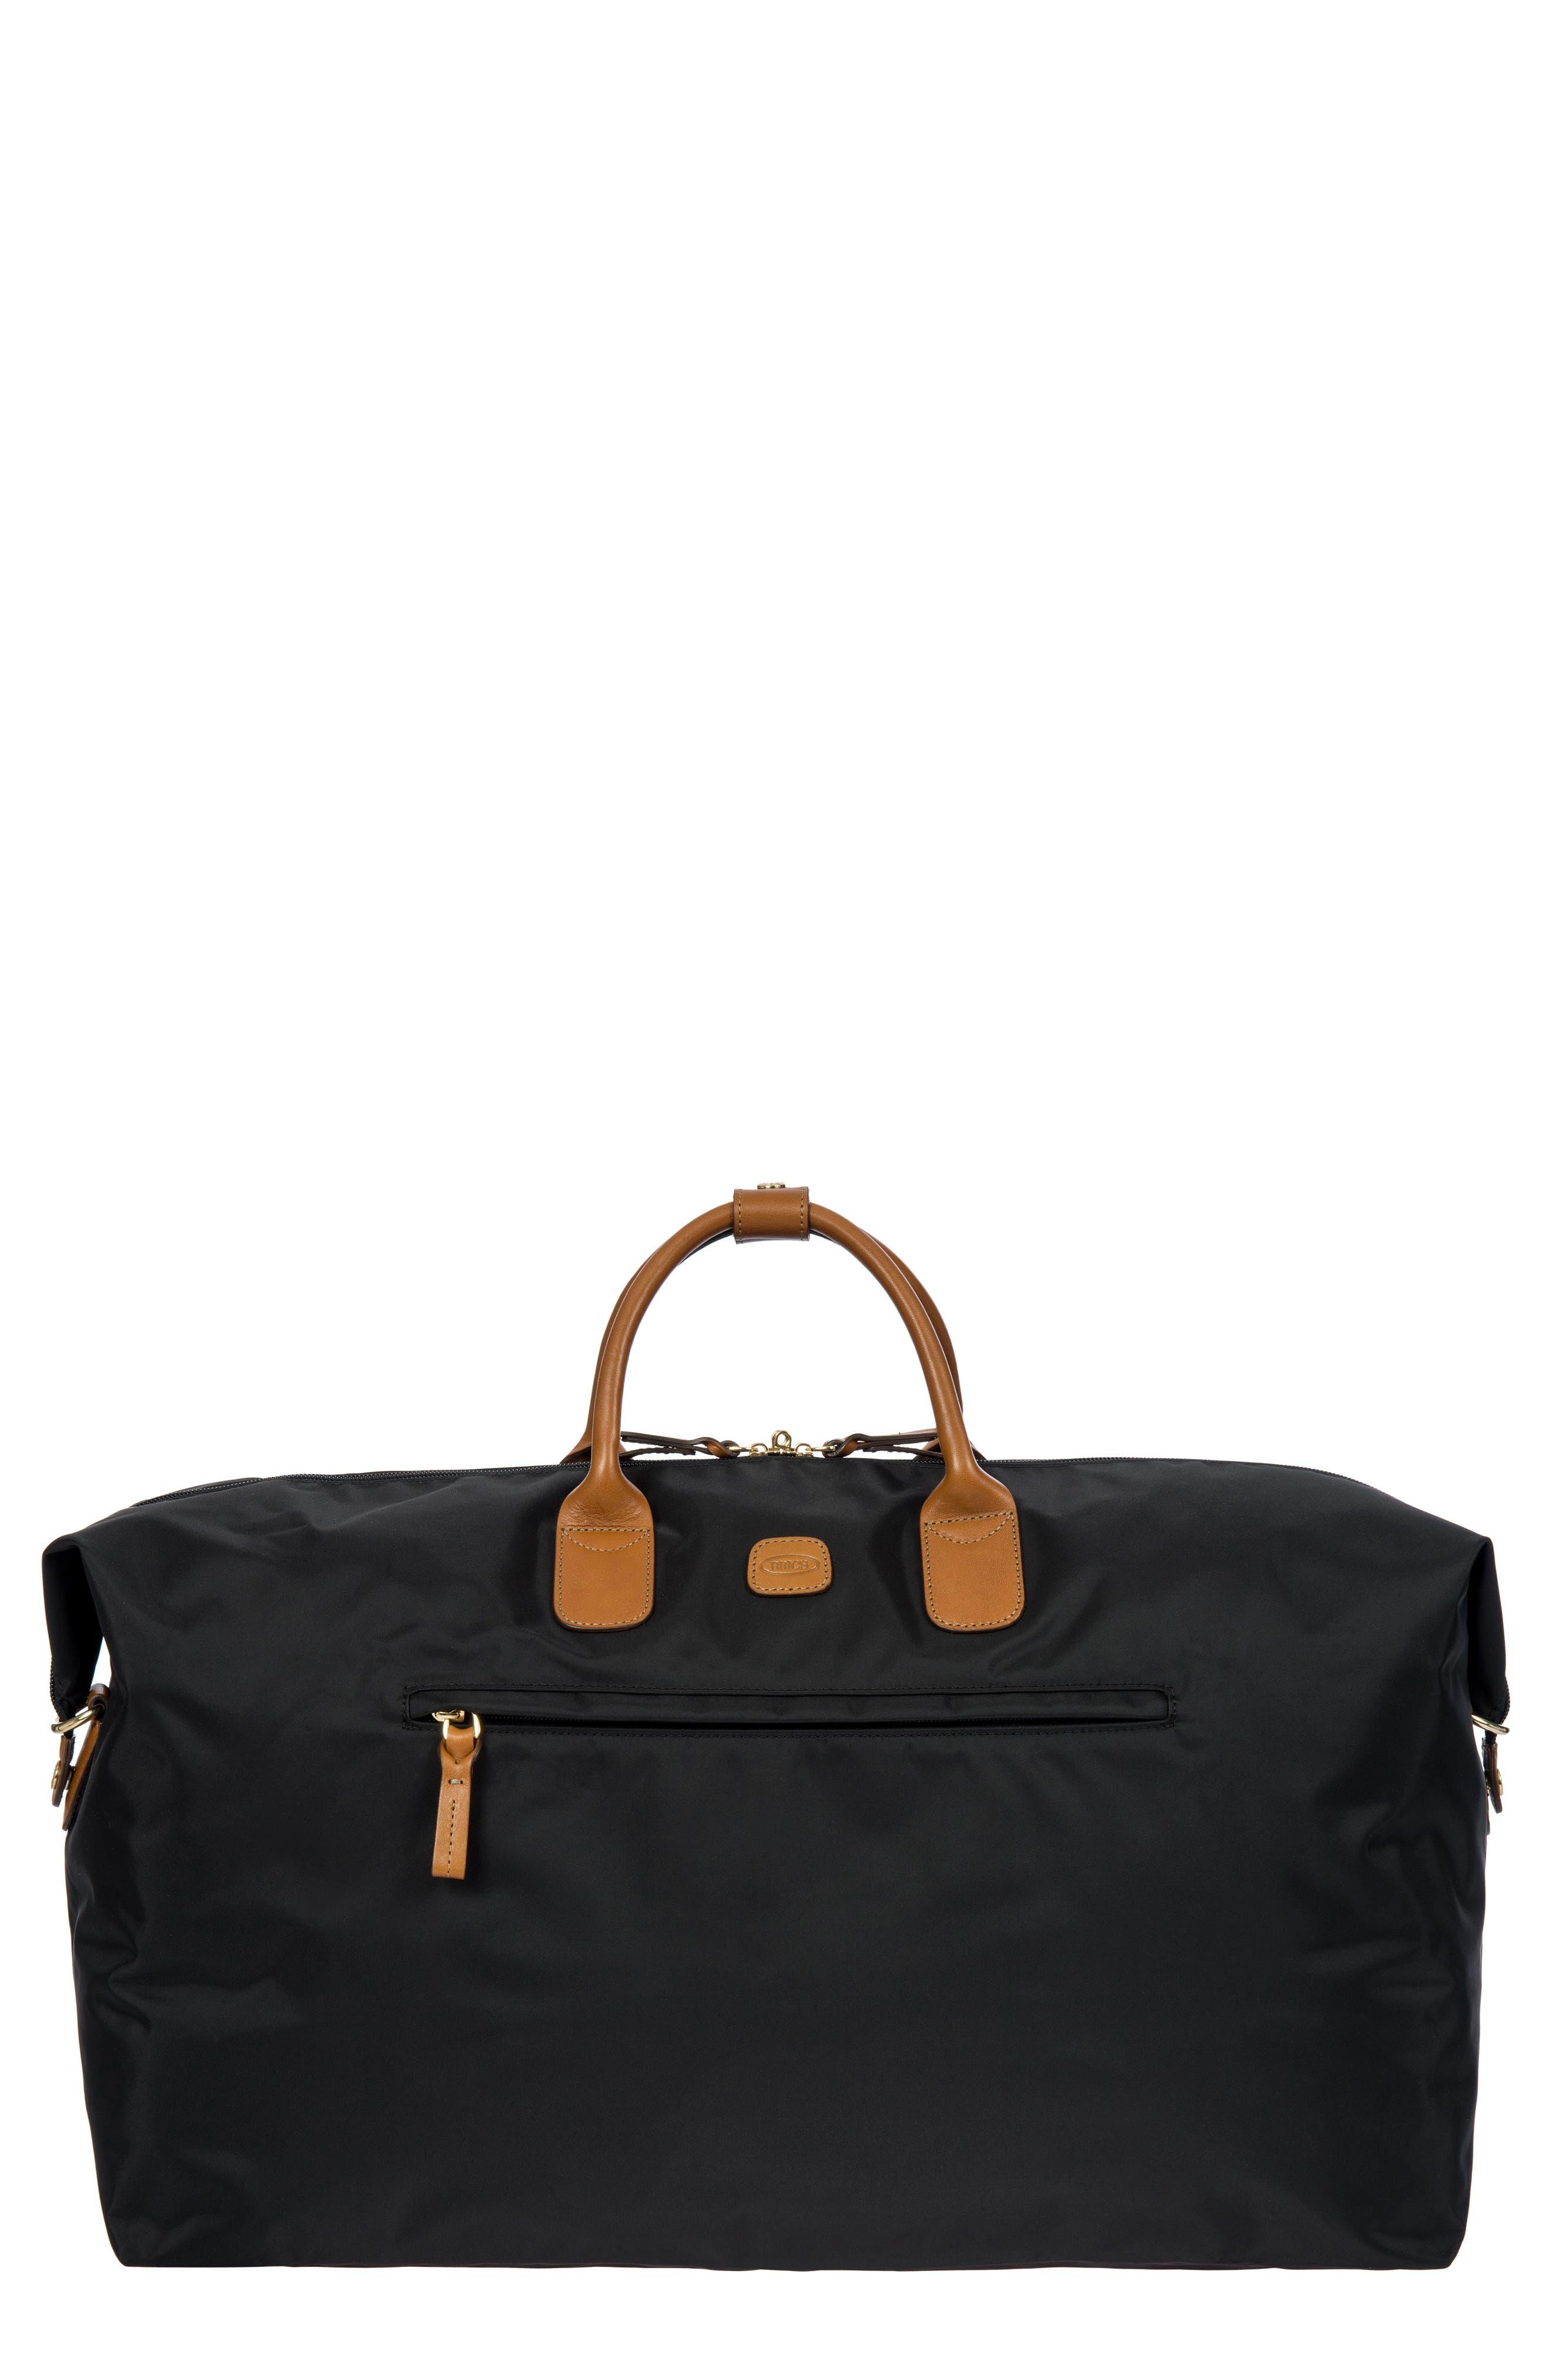 X-Bag Boarding 22-Inch Duffel Bag,                         Main,                         color, BLACK